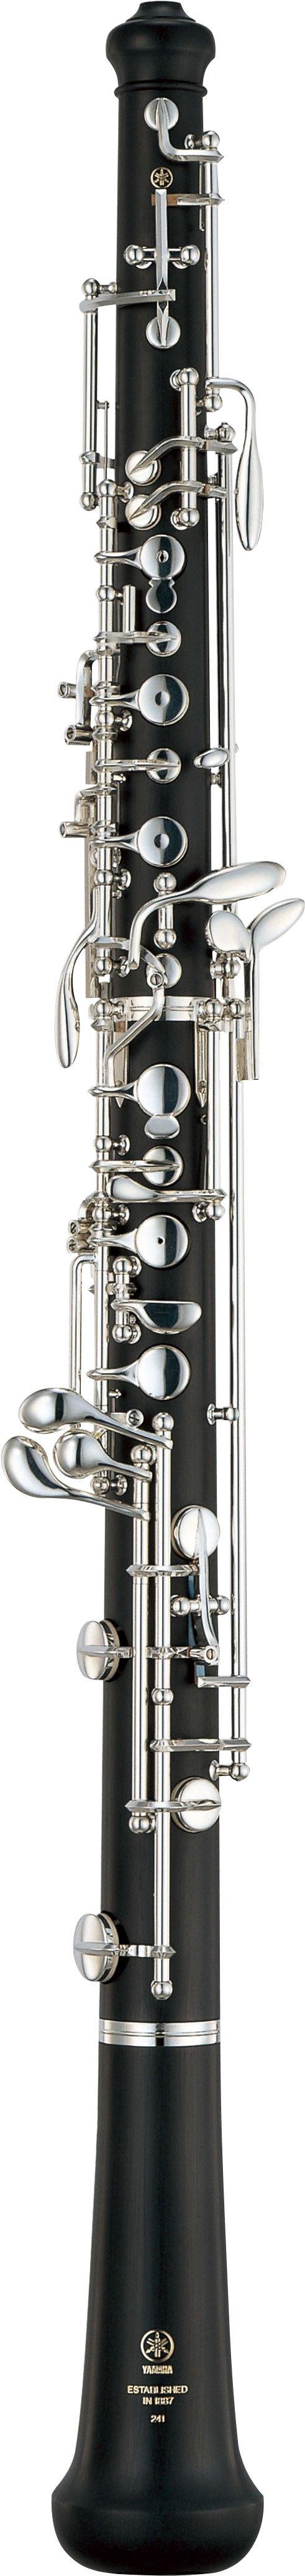 Yamaha - YOB-241 - Holzblasinstrumente - Oboen und Englisch Hörner | MUSIK BERTRAM Deutschland Freiburg